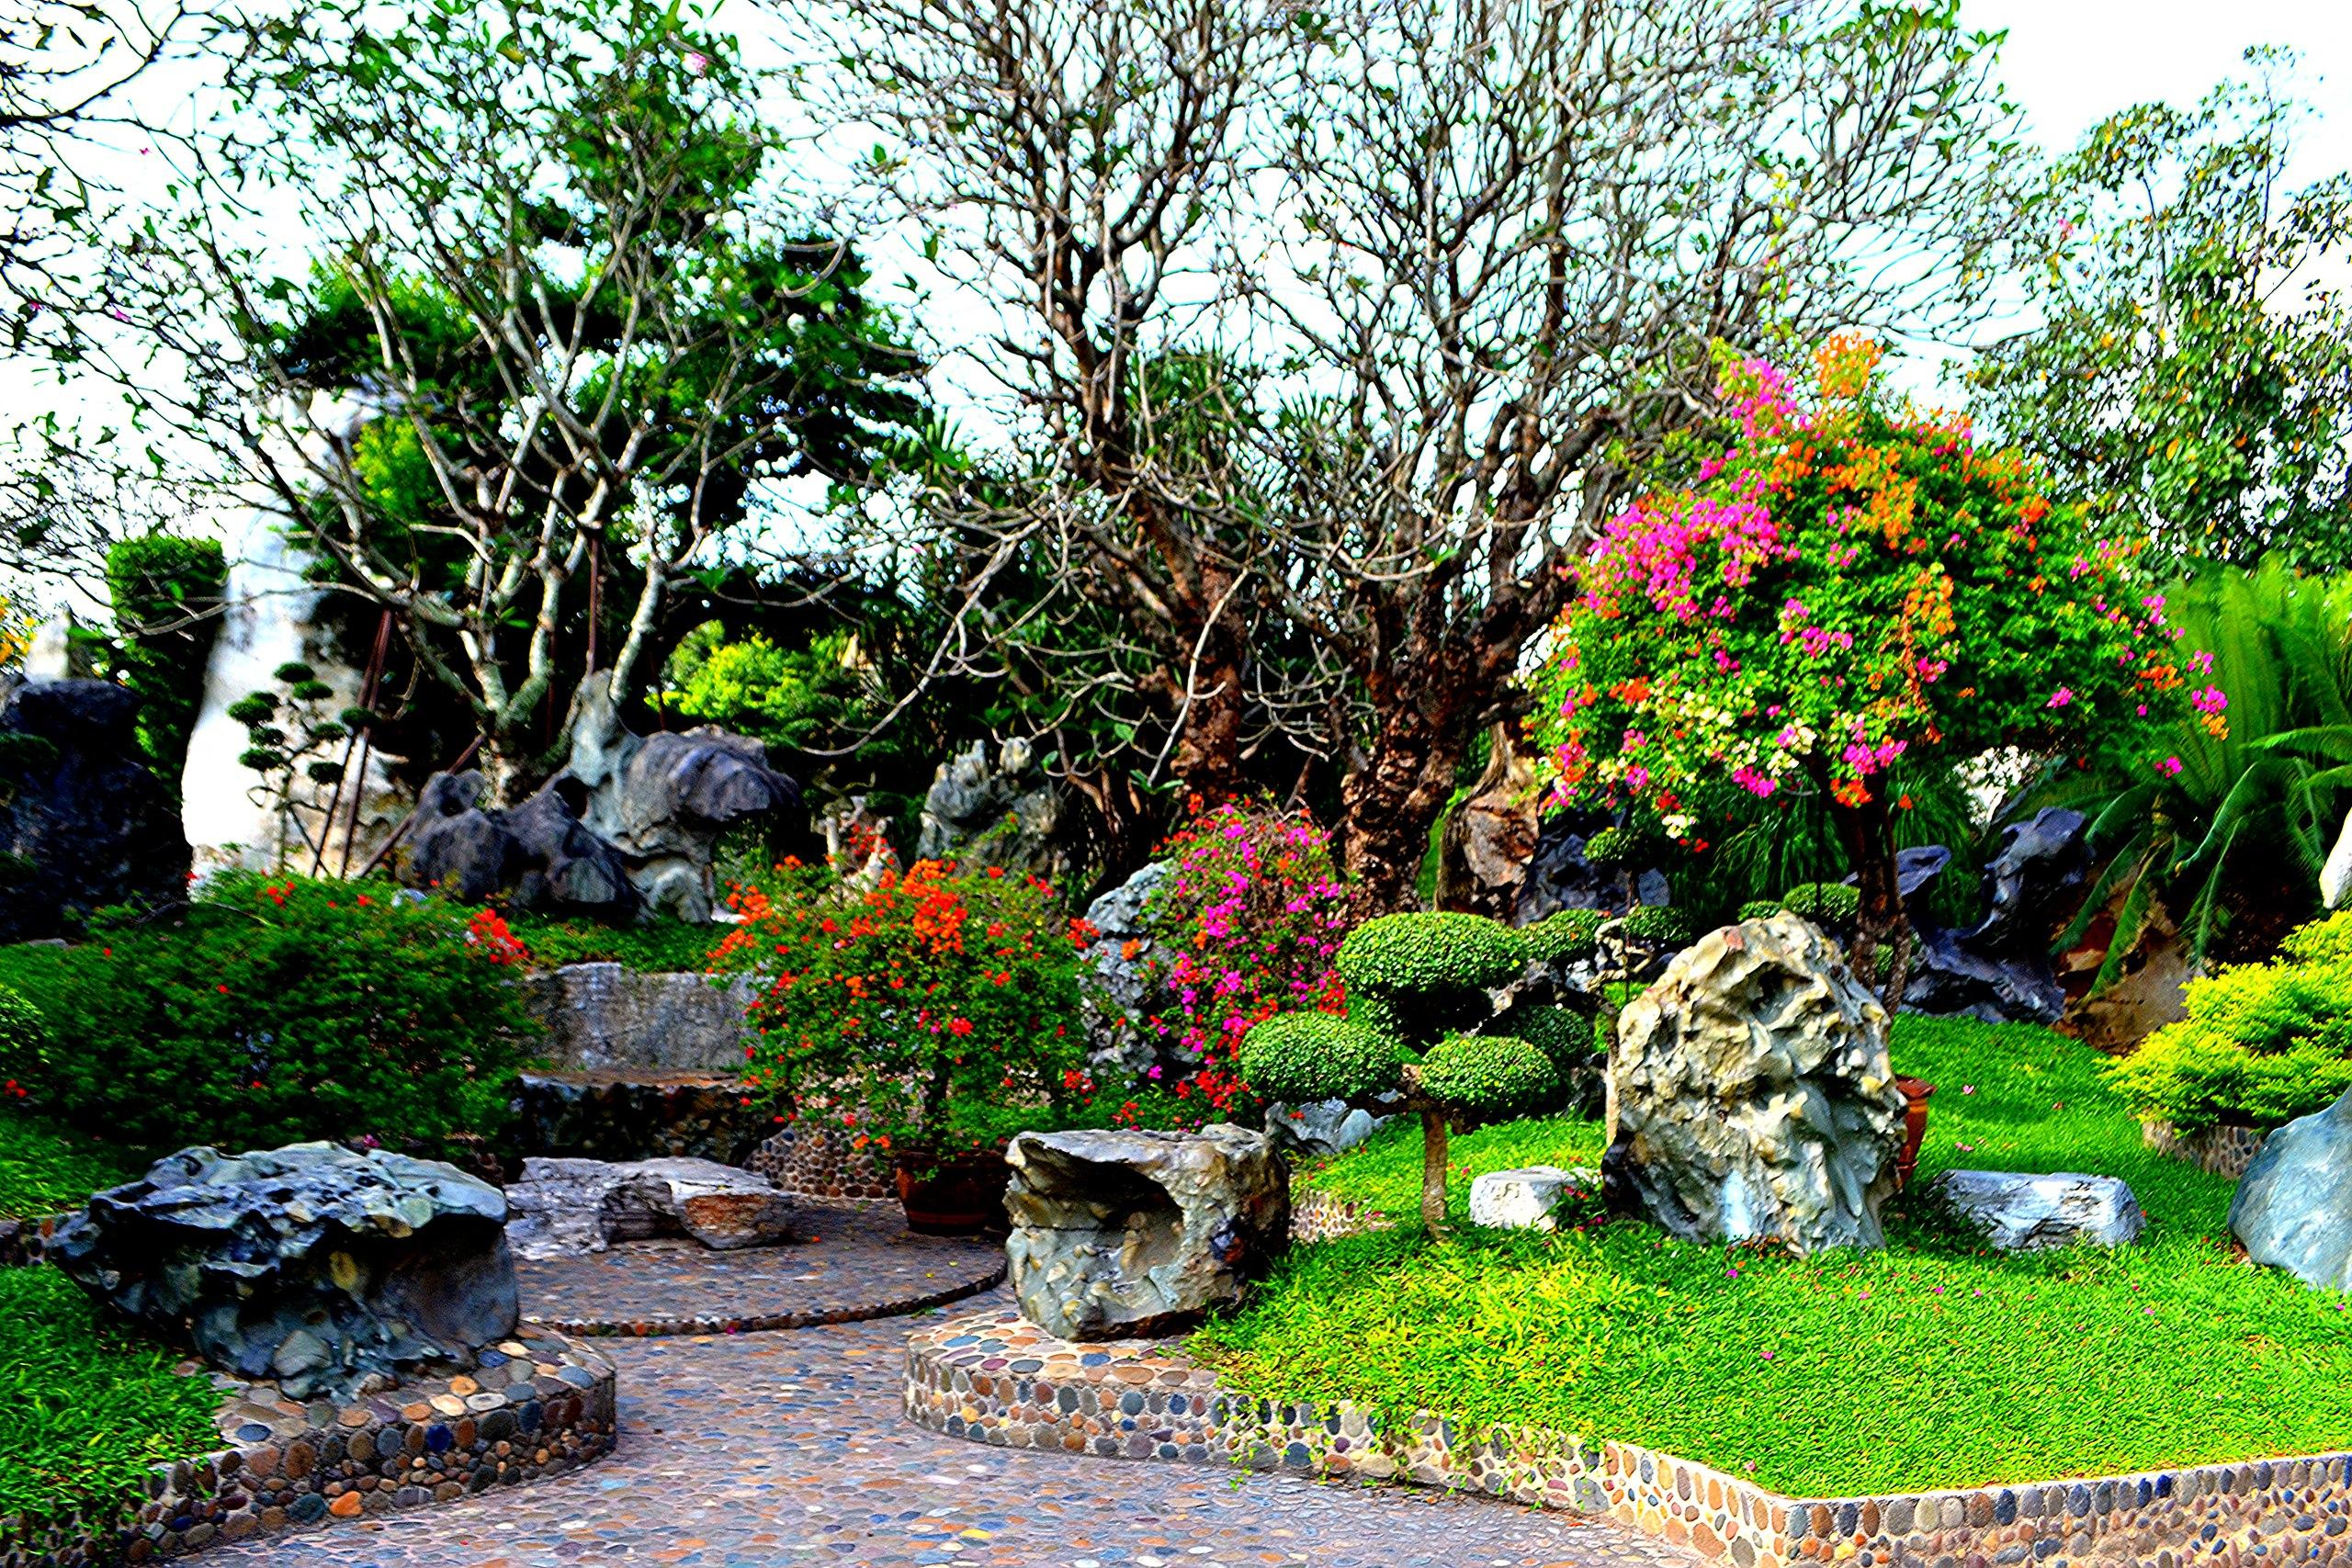 Елена Руденко ( Валтея ). Таиланд. Парк миллионолетних камней и крокодиловая ферма. 89TwFf_UWRM